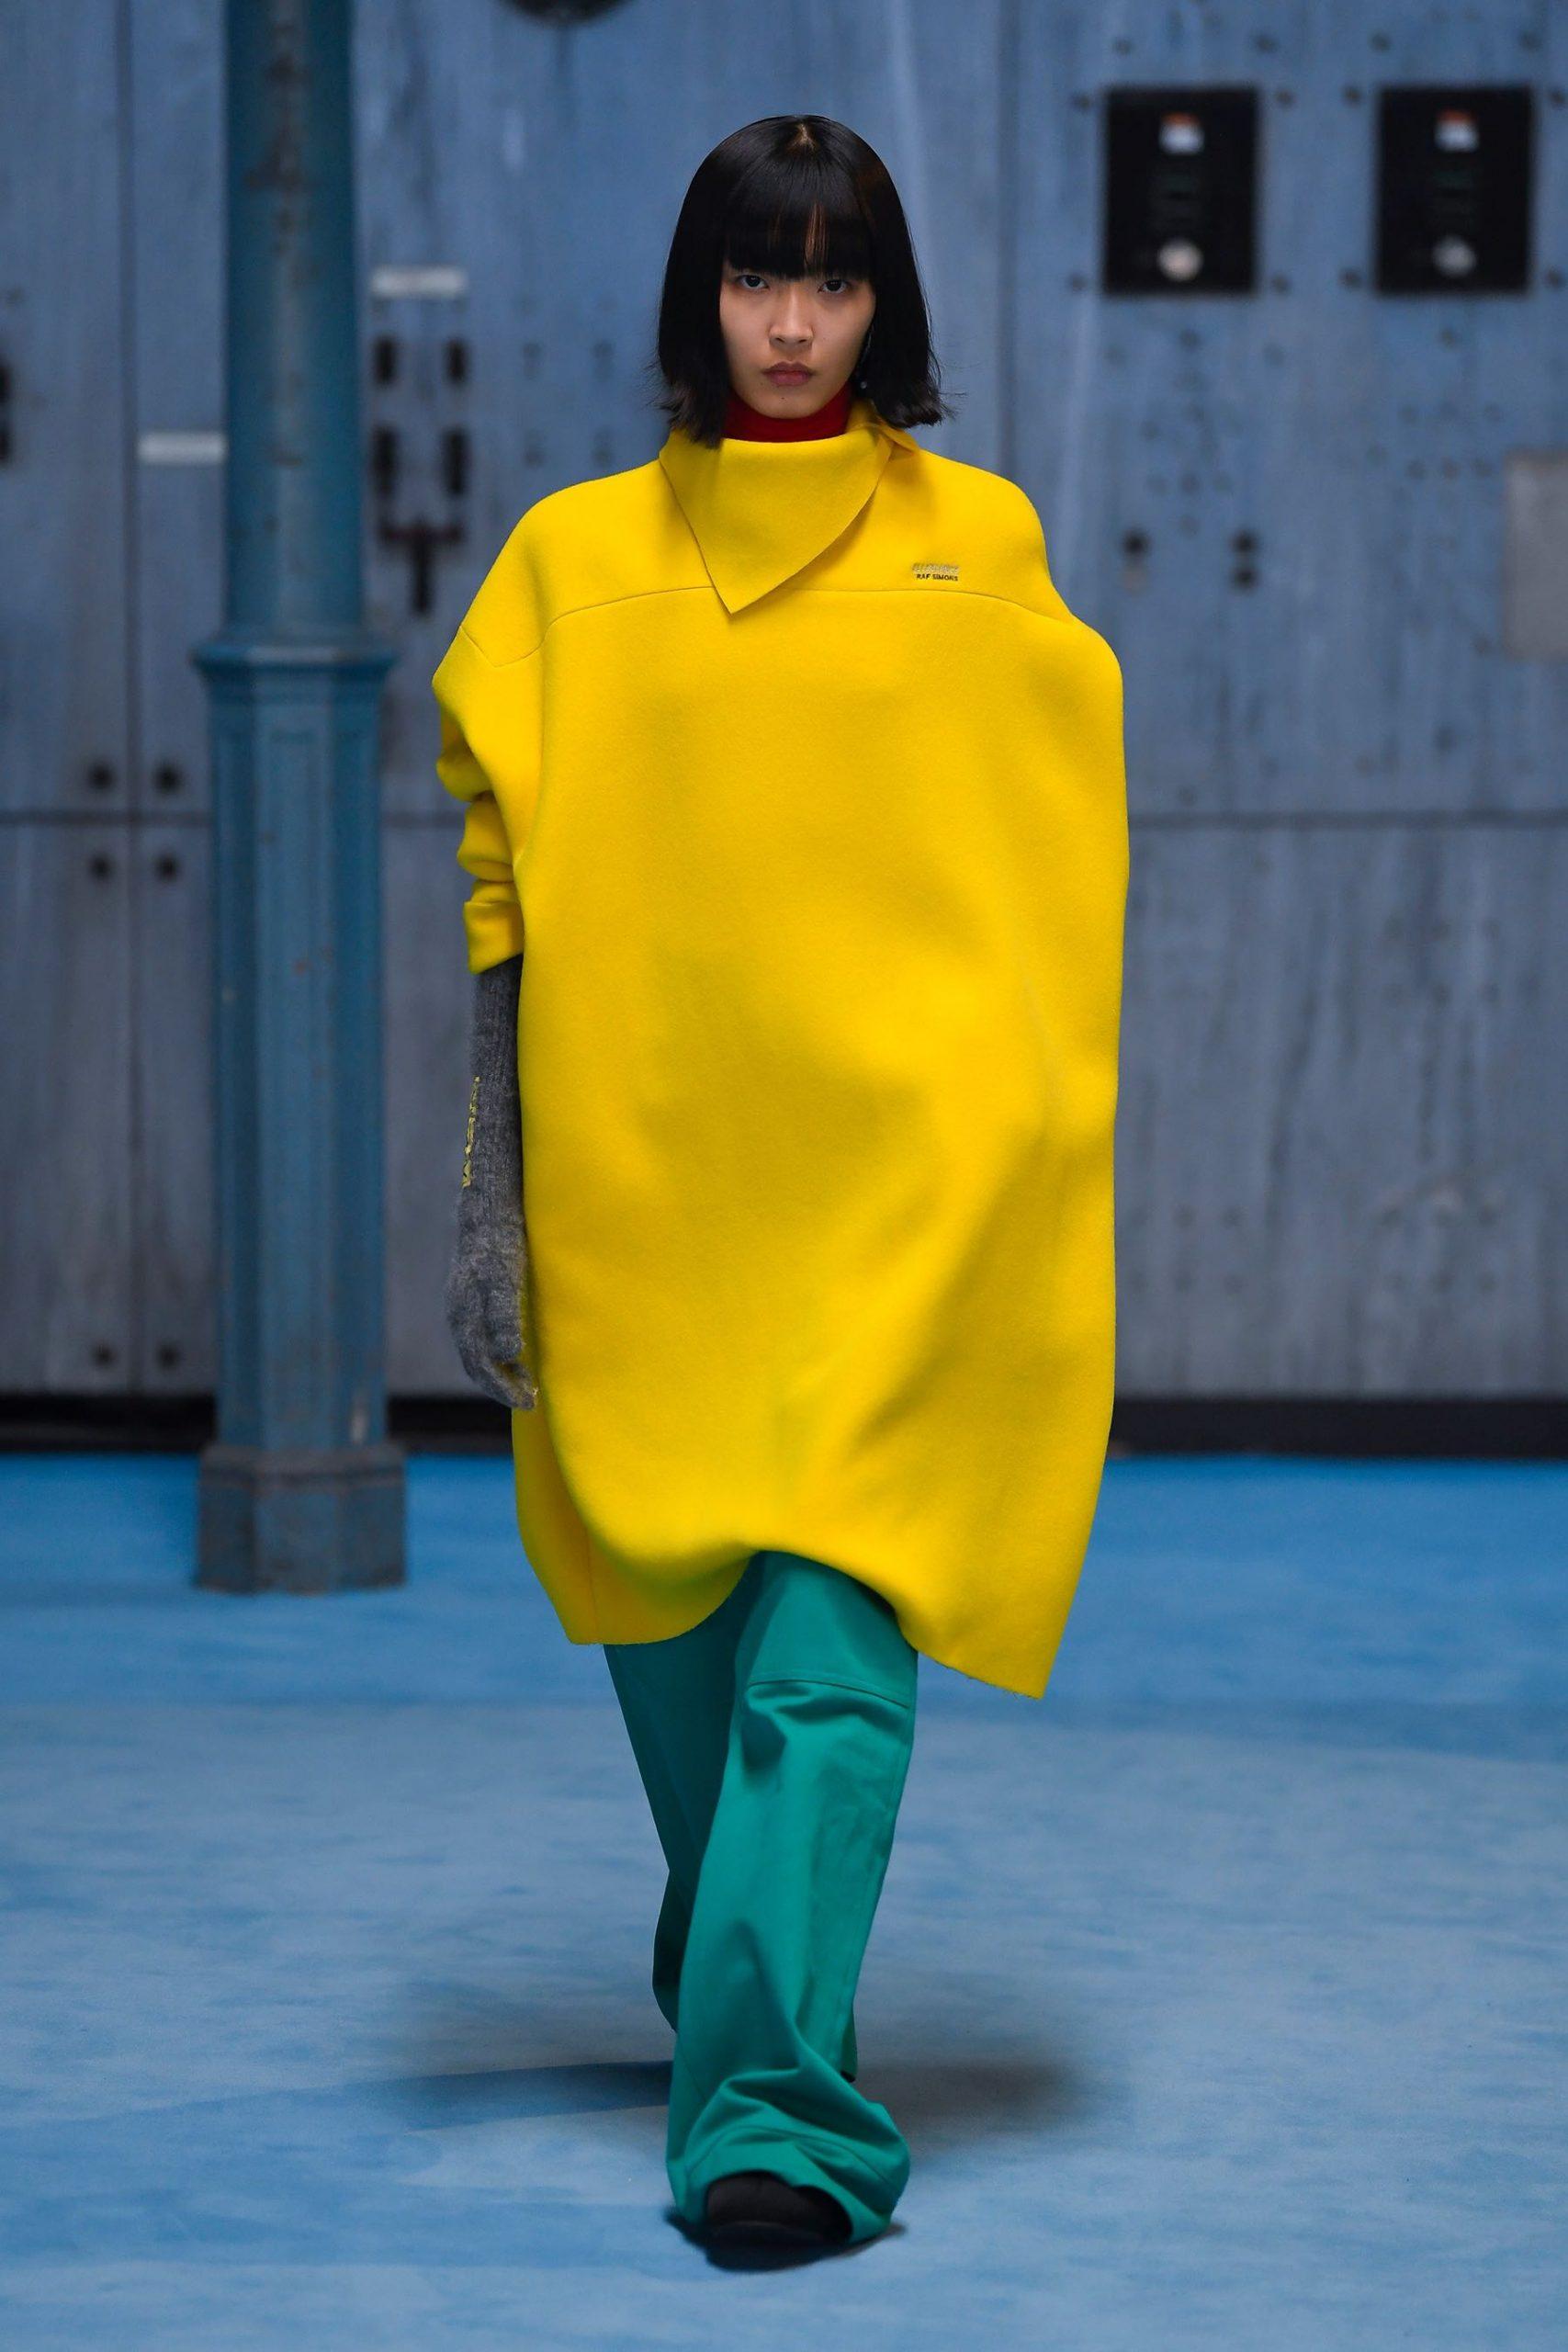 Raf Simons Fall 2021 Fashion Show Review